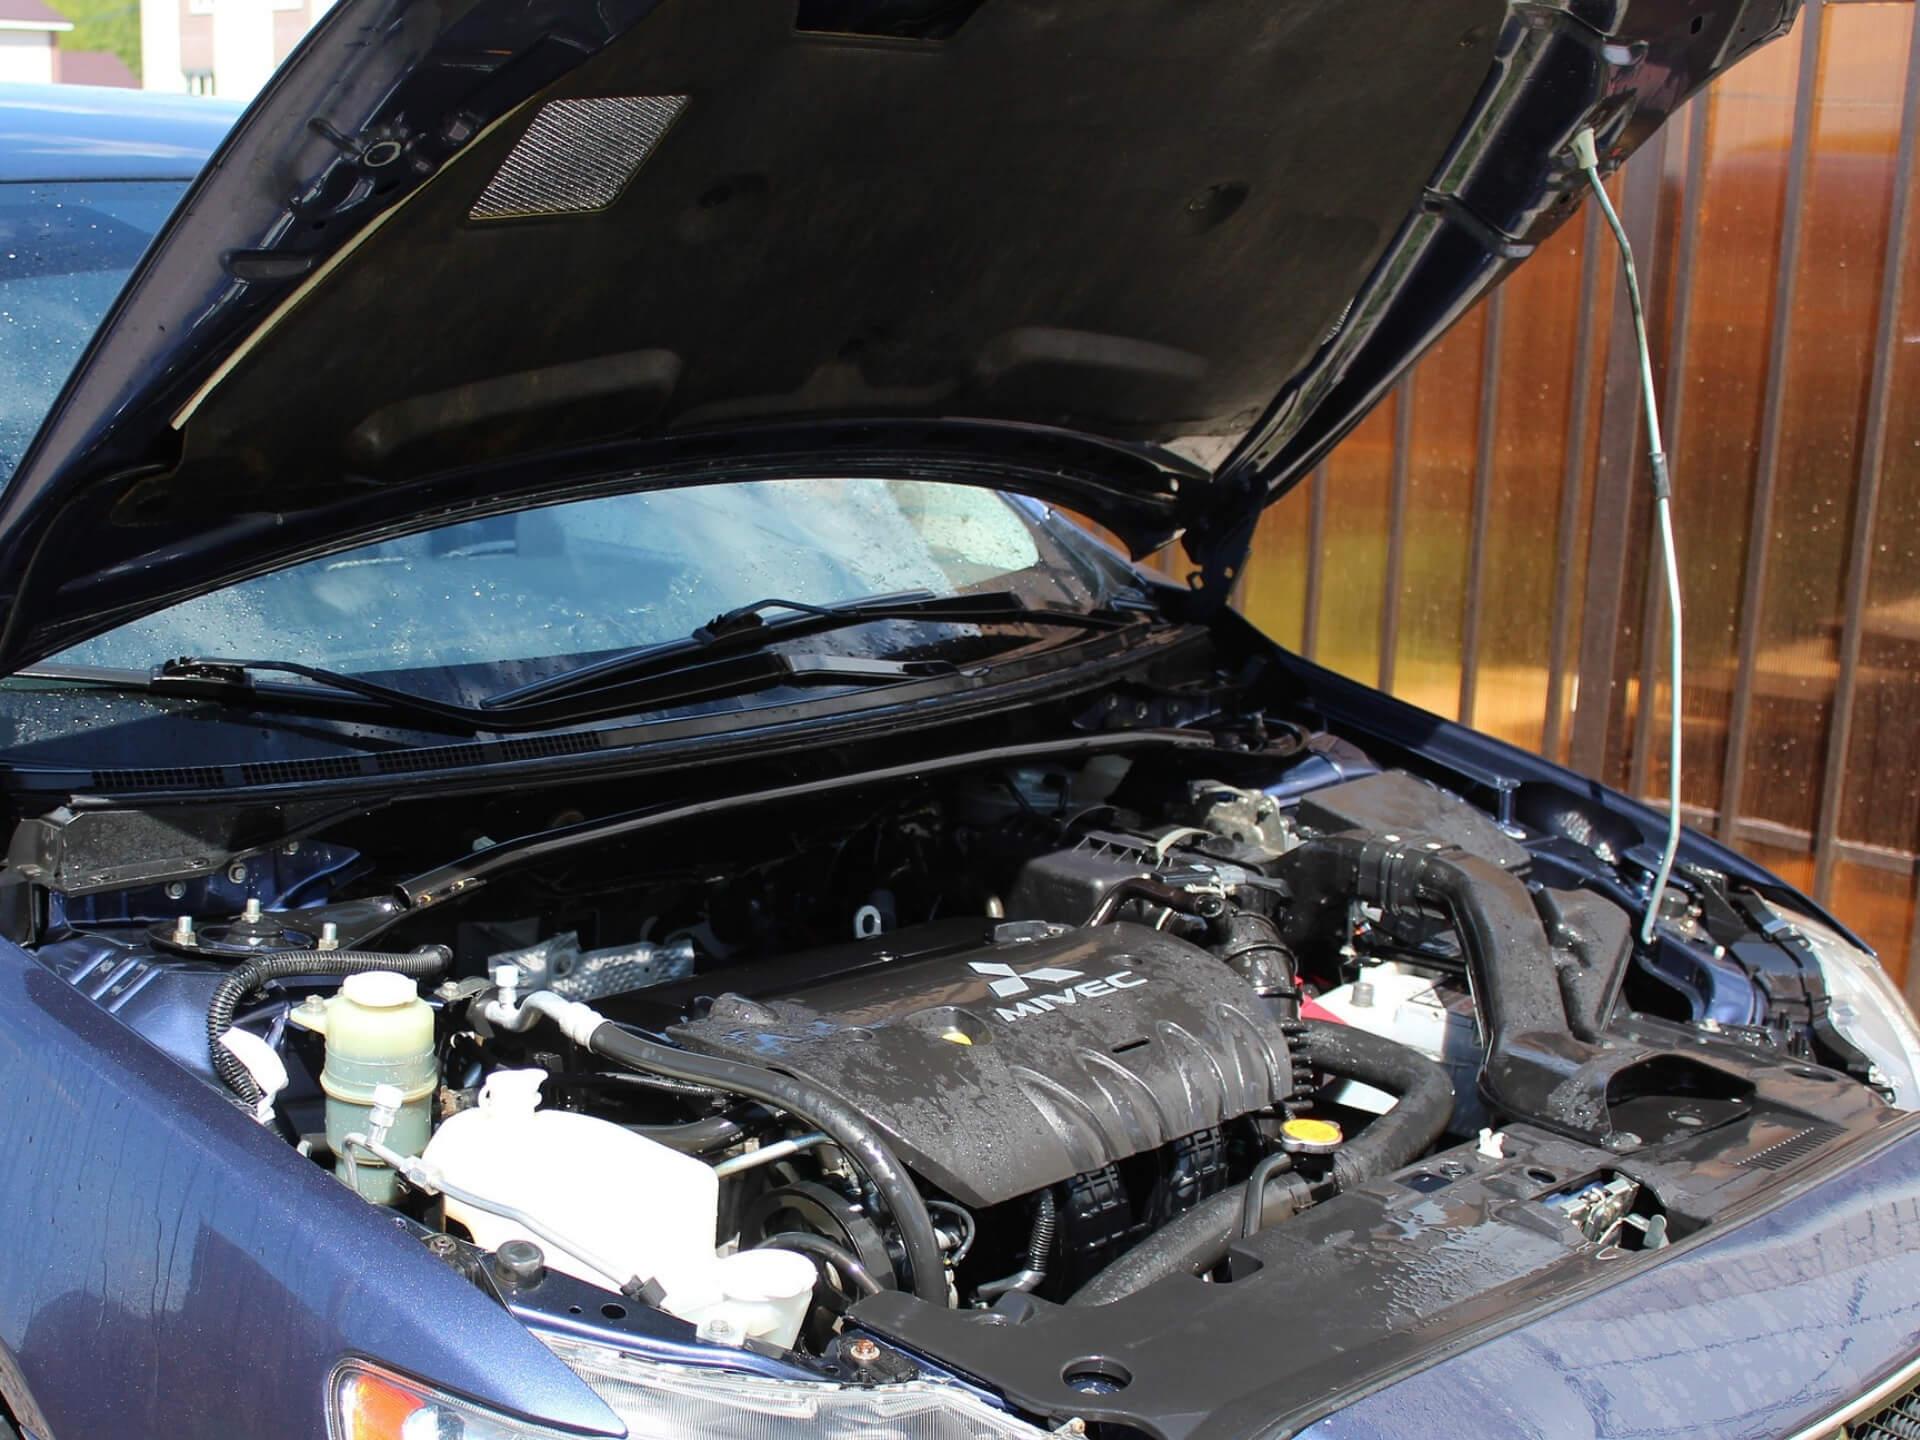 ΚΟΑΝΟ - πώληση ανταλλακτικών οχημάτων